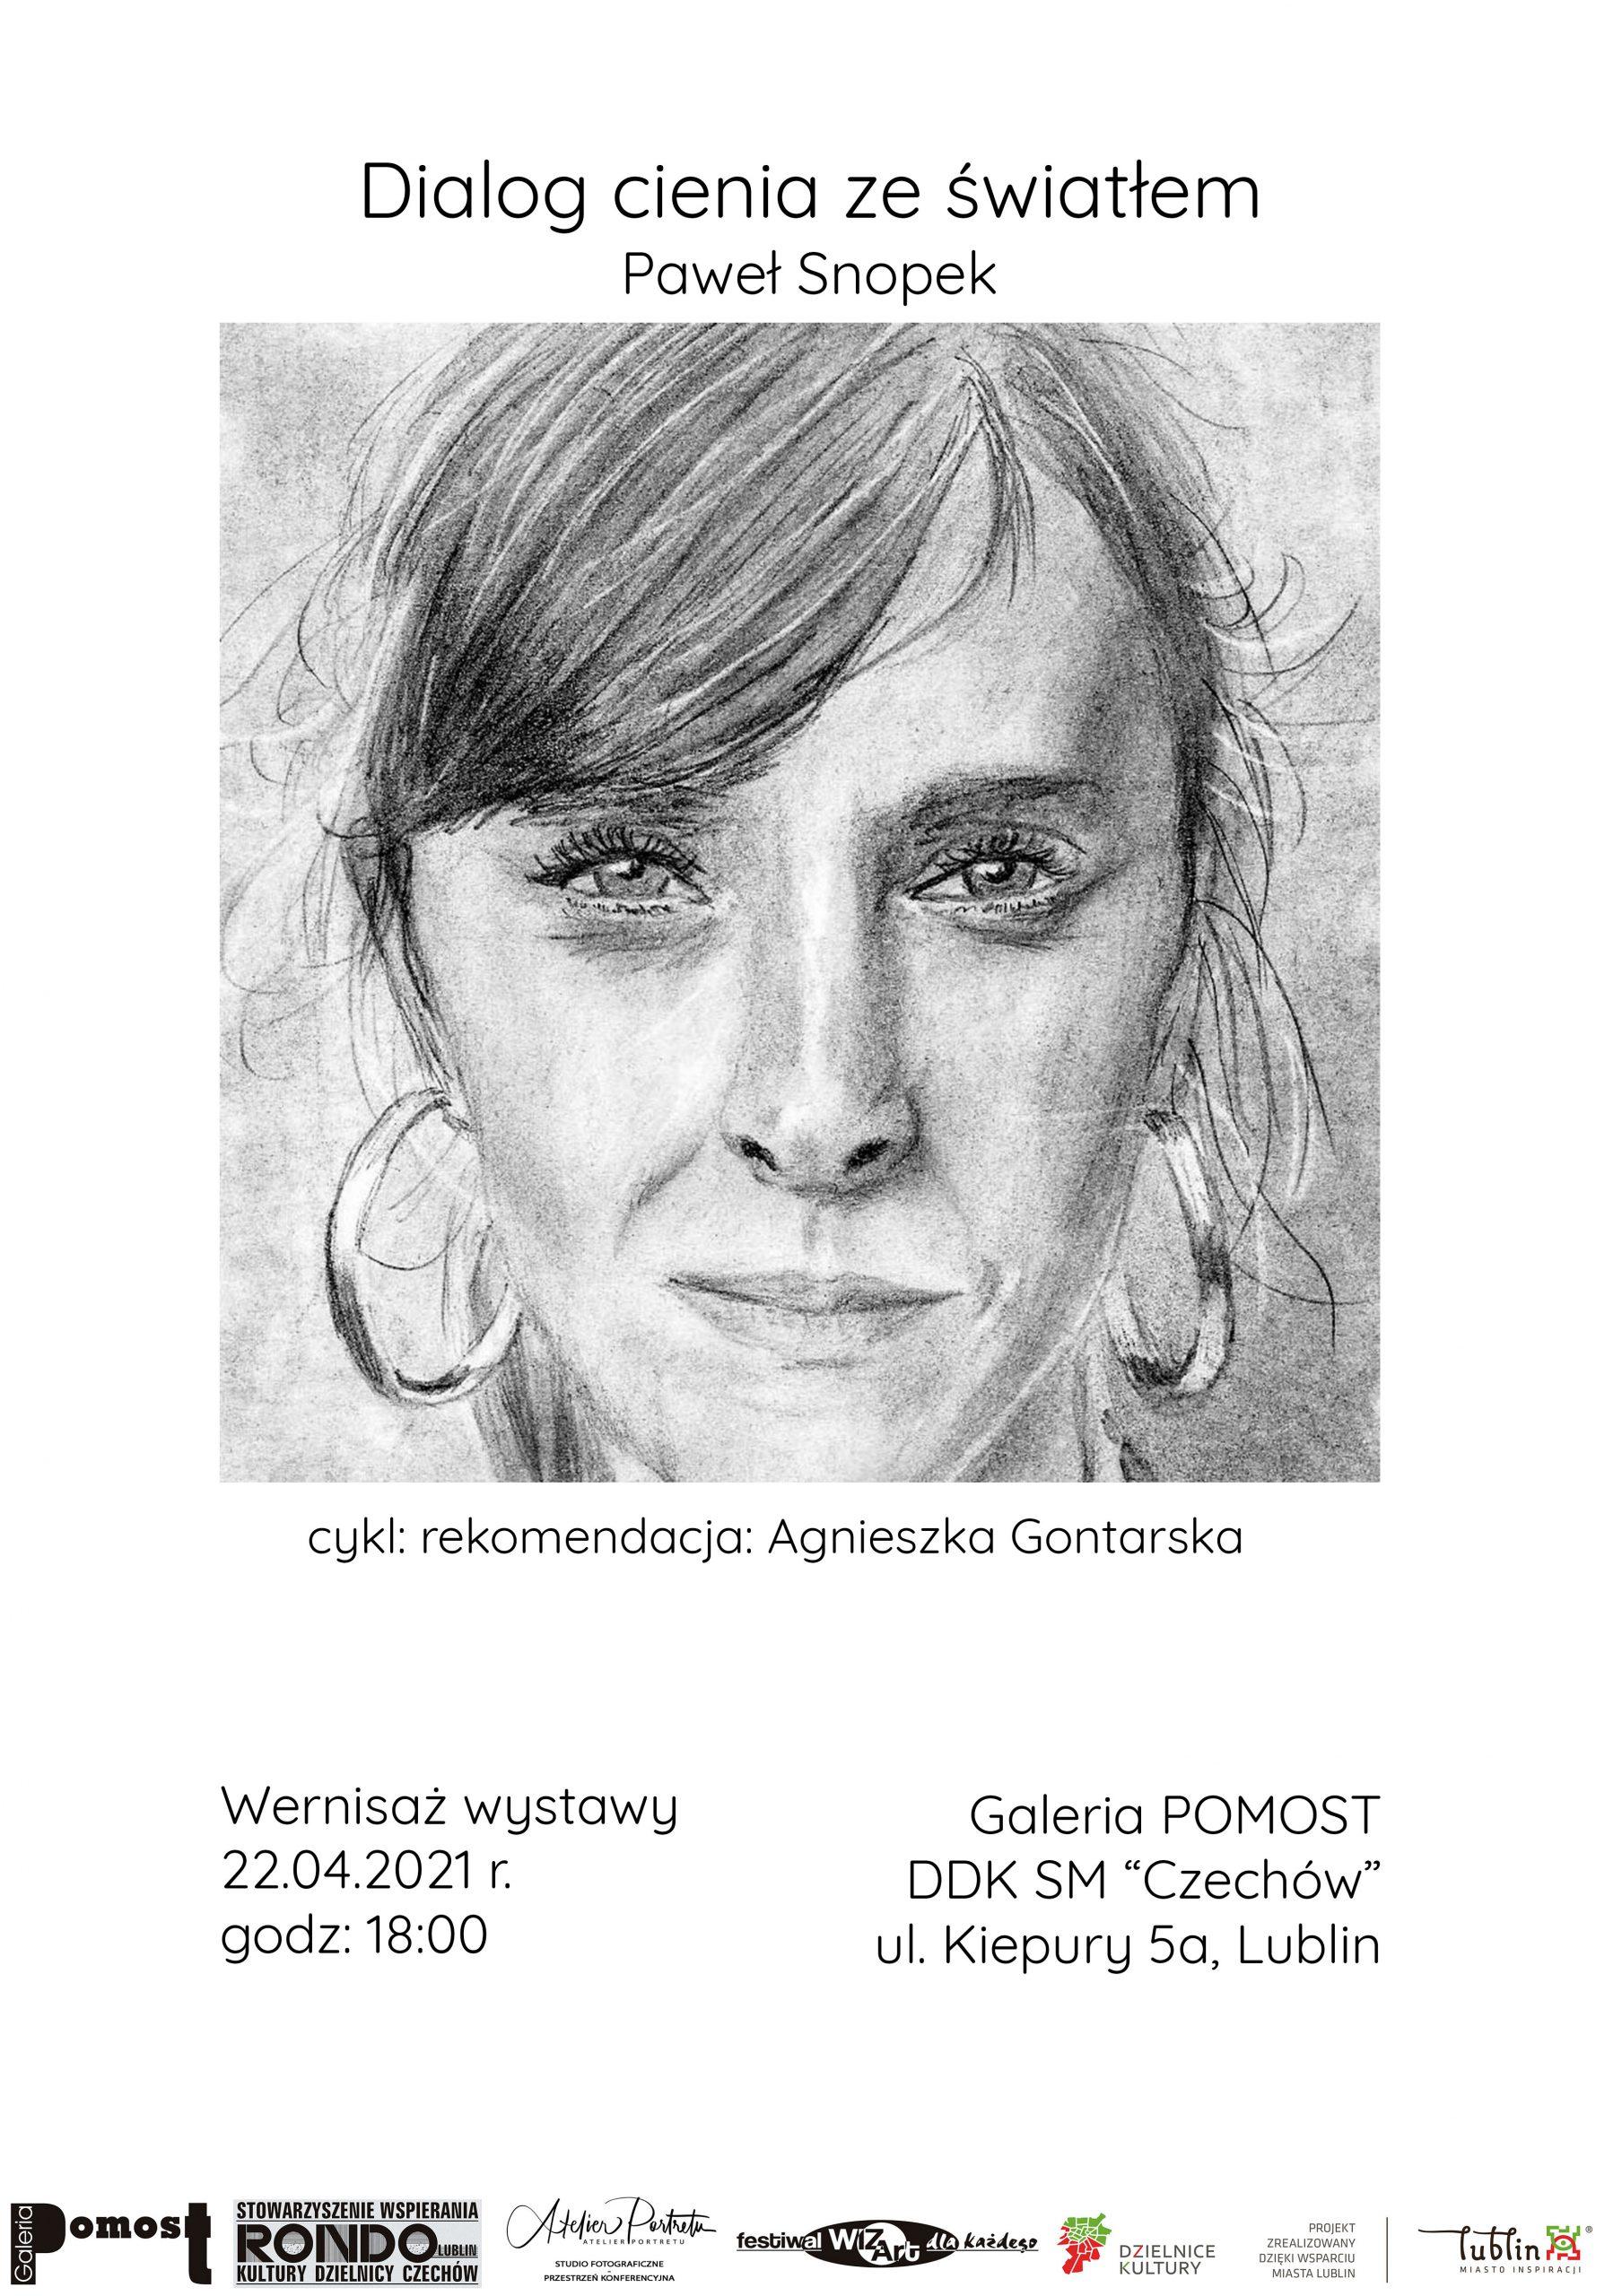 """Wernisaż wystawy Pawła Snopka """"Dialog cienia zeświatłem"""""""